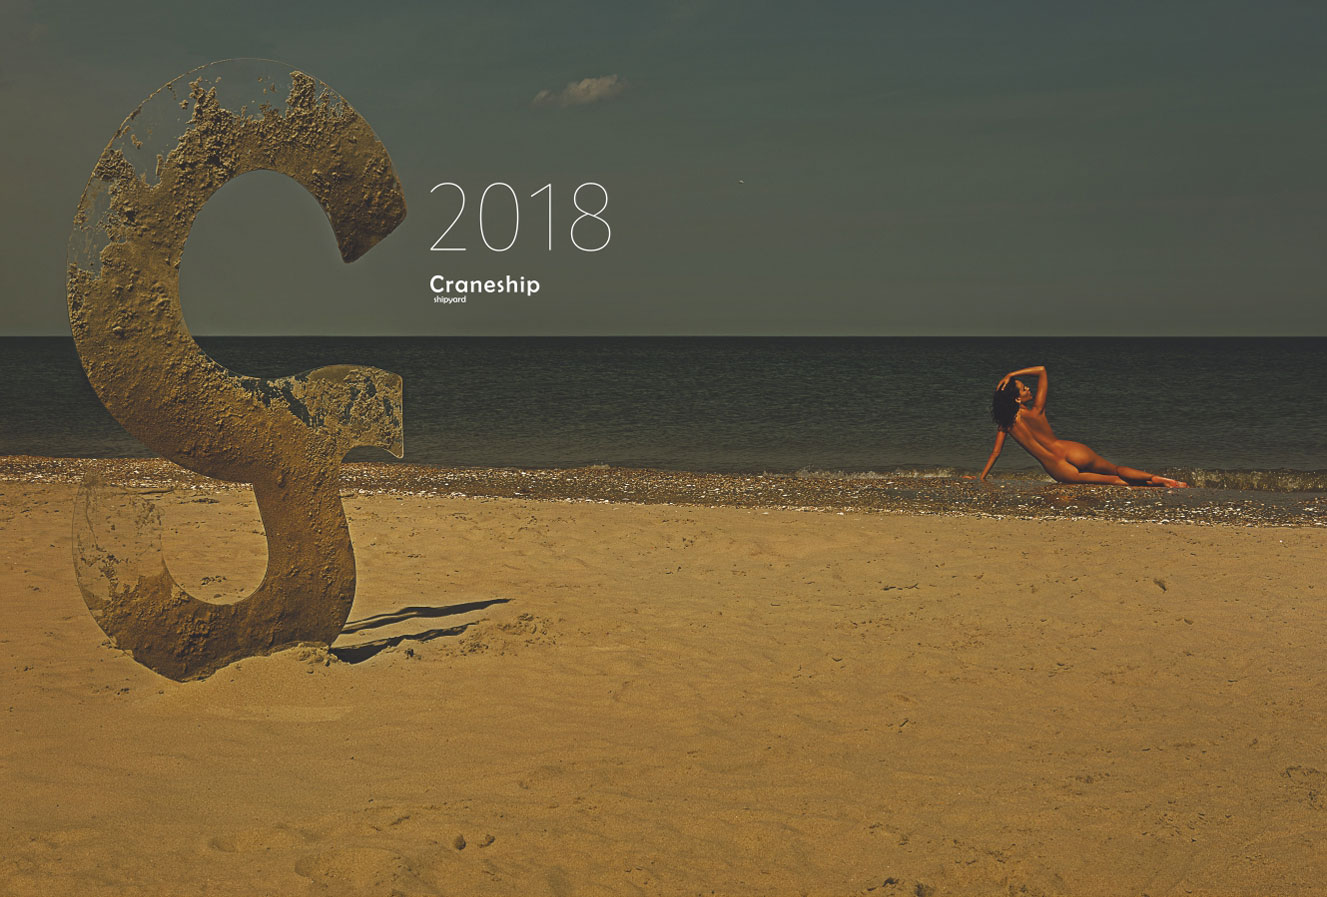 Эротический календарь Craneship / nu calendar 2018 by MordererStudio